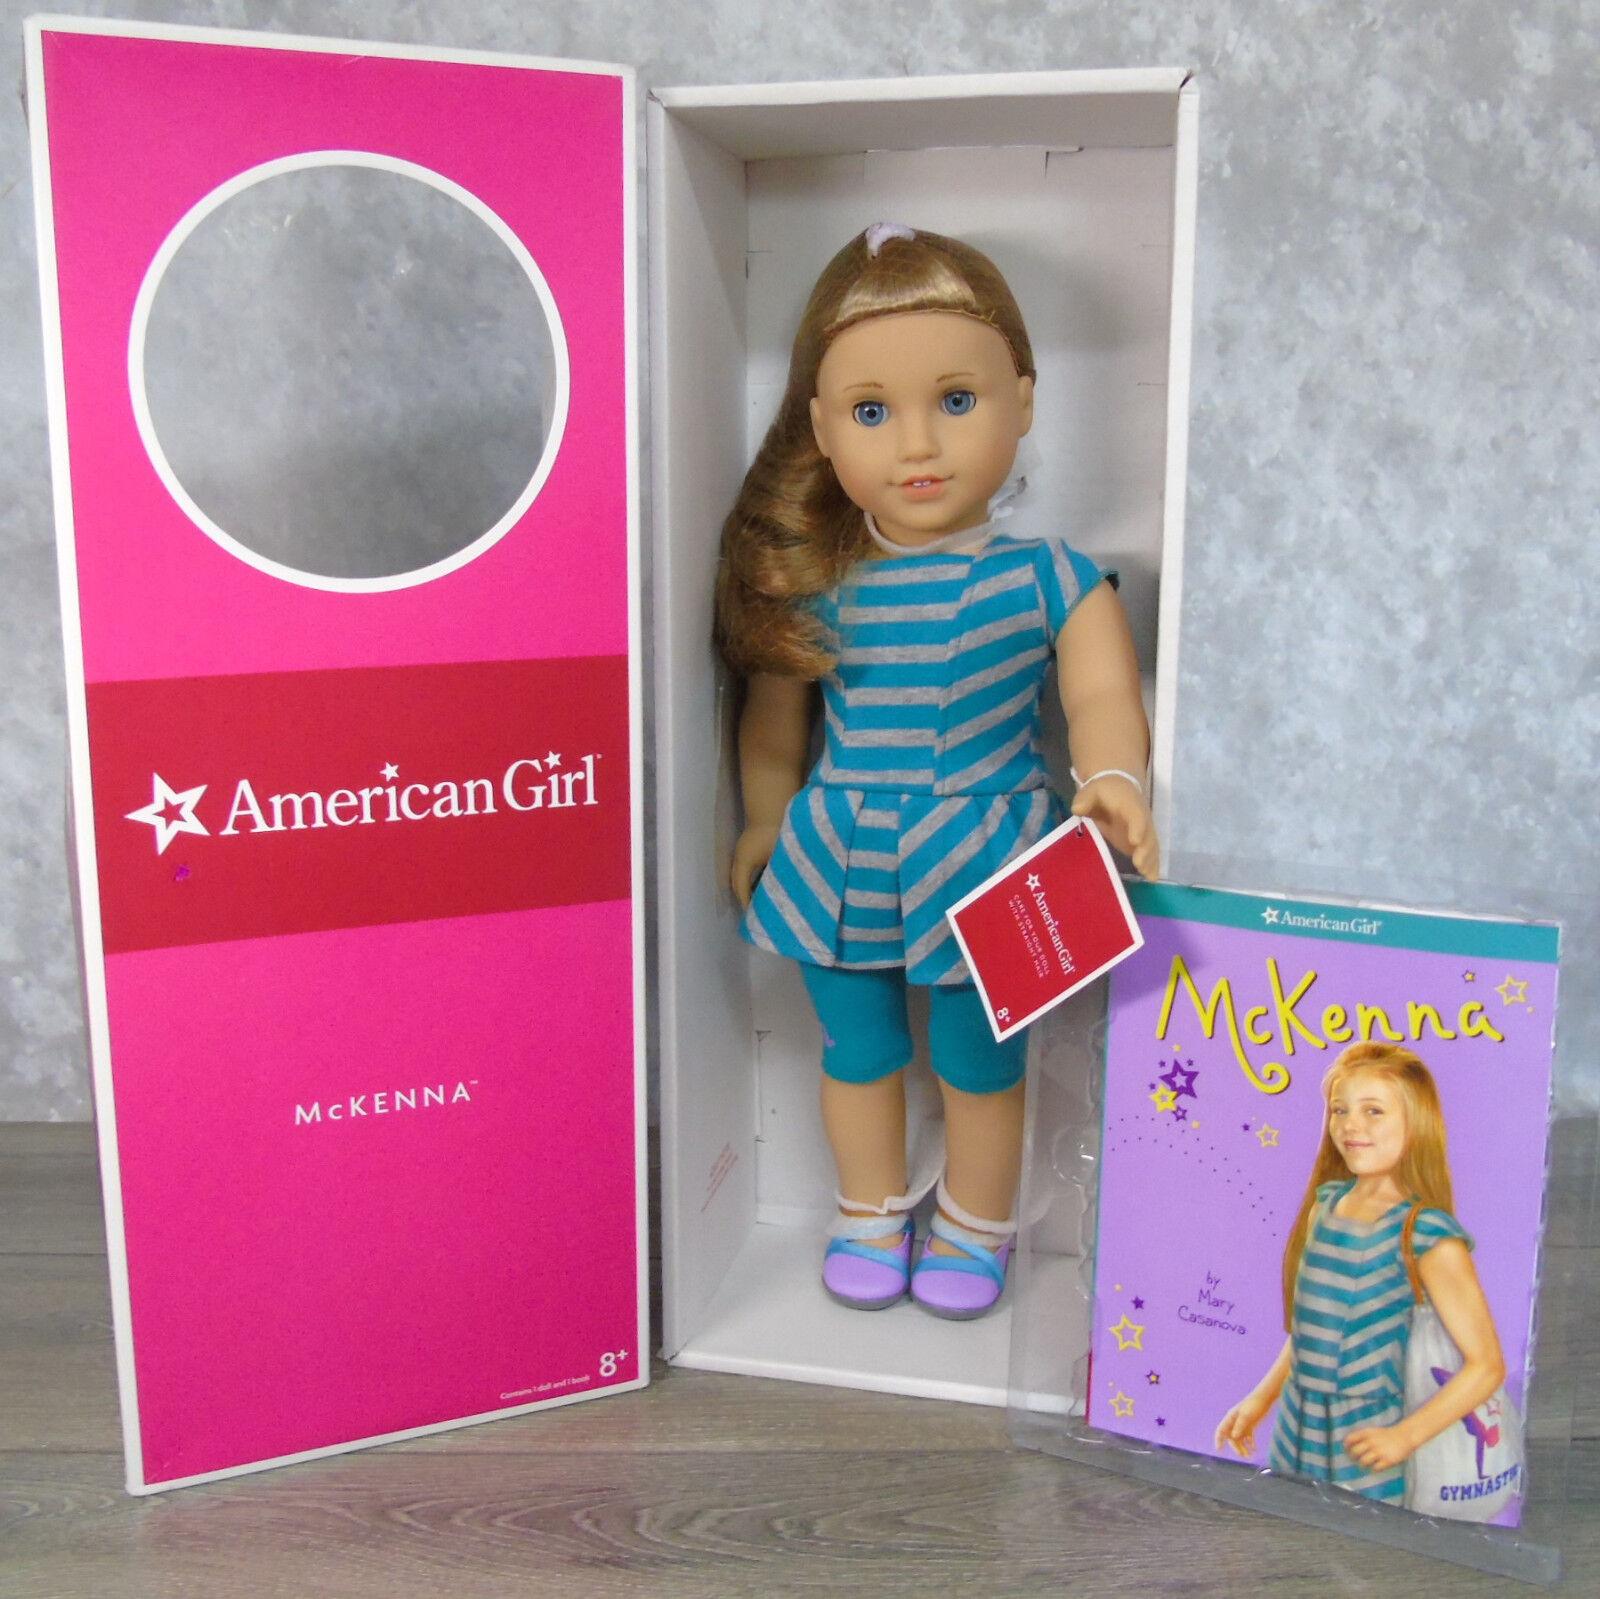 Marca Nueva 18  McKenna Muñeca American Girl 2012 en la etiqueta de Muñeca Traje de satisfacer Libro Caja